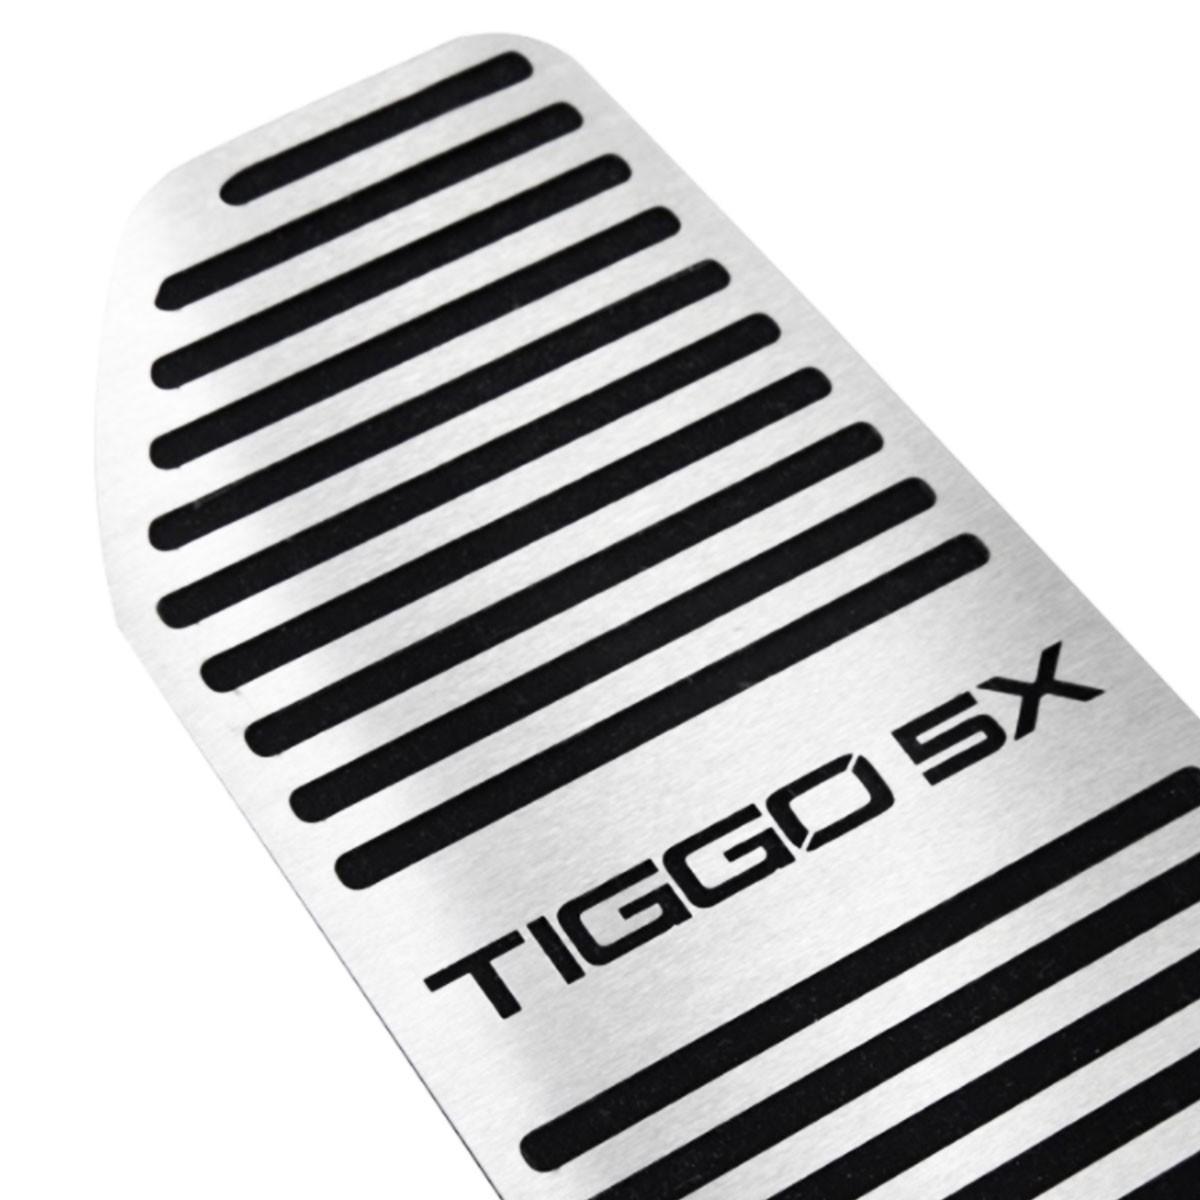 Descanso de Pé Chery Tiggo 5X Aço Inox Escovado